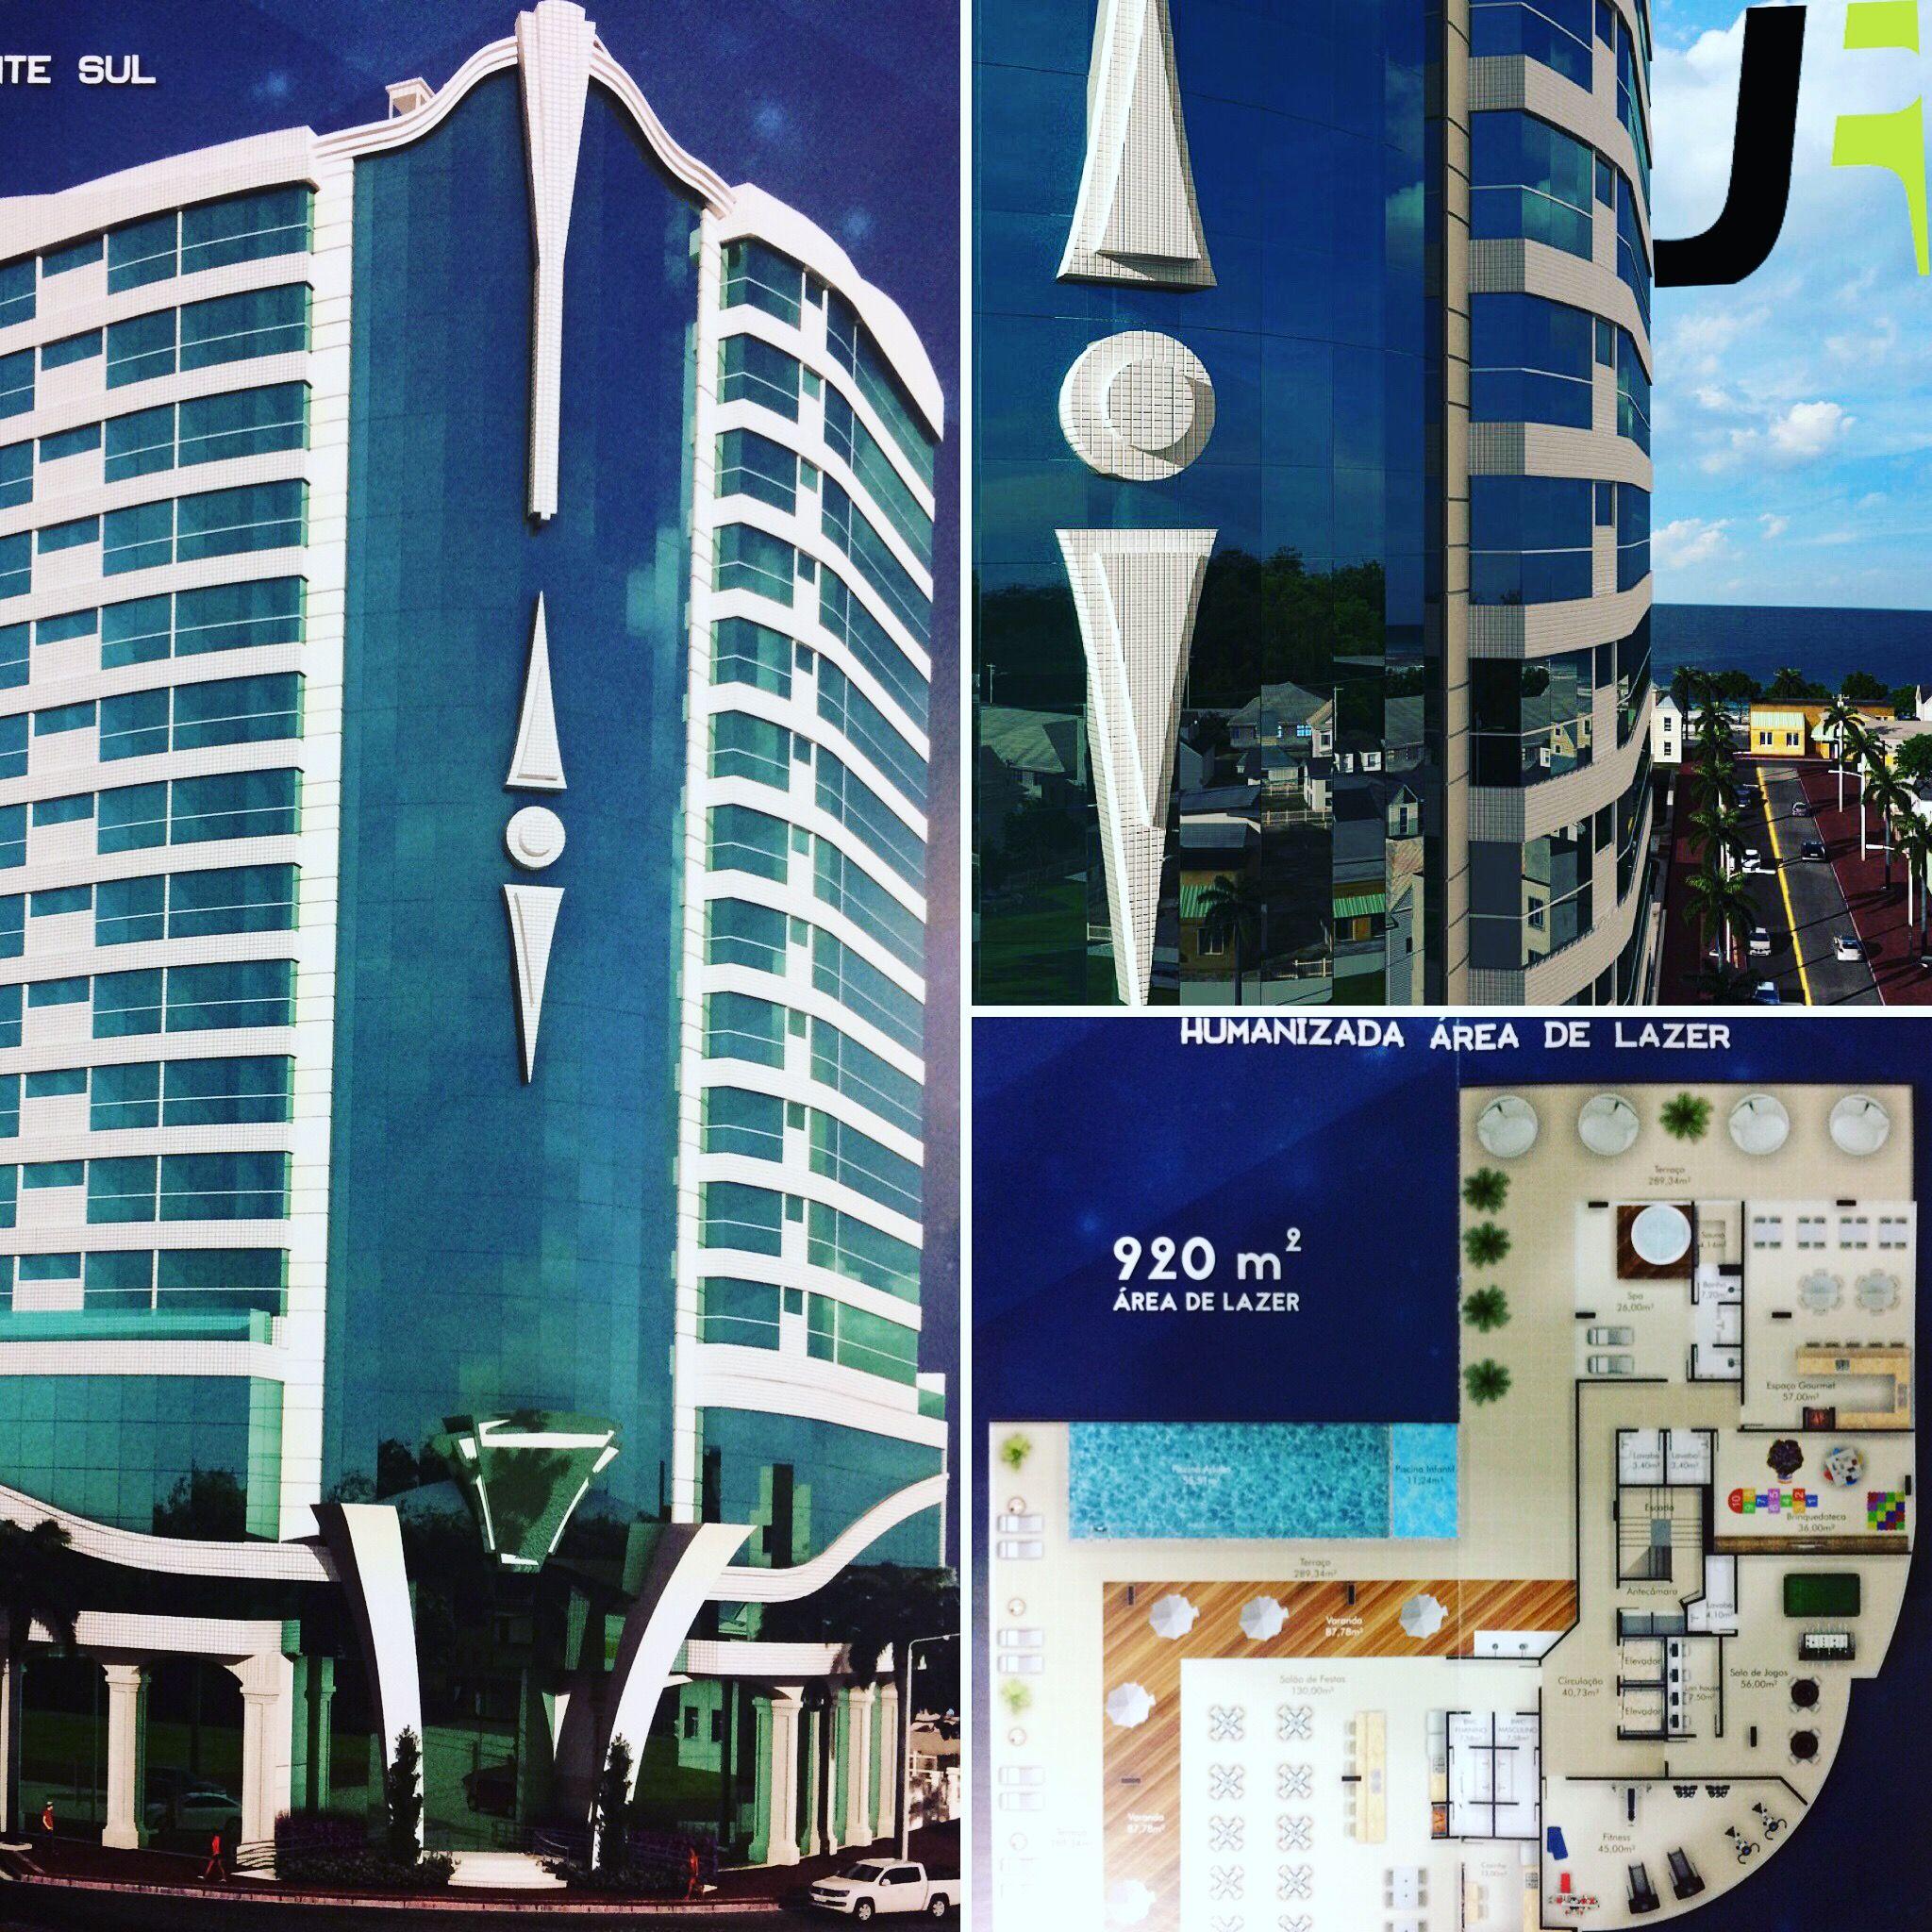 More em Porto Belo/SC!Apartamento com 3 suítes(1 master), 2 vagas, área lazer completa! Consulte condições facilitadas por WhatsApp (47) 99643 2808.